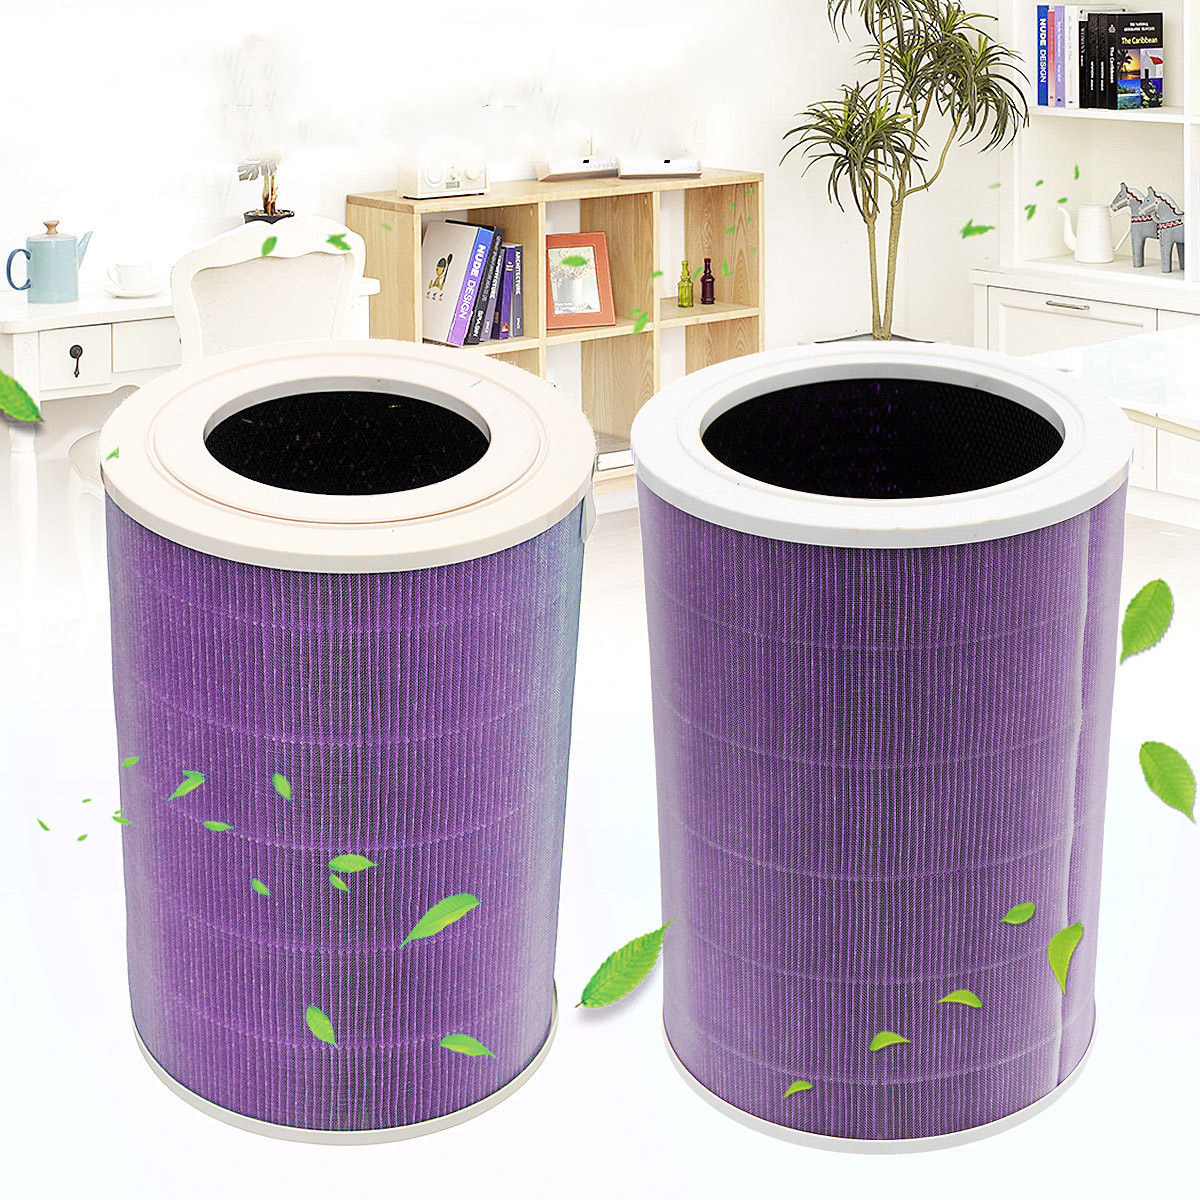 Filtre à Air cartouche élément filtrant pour Xiao mi mi purificateur d'air 1/2/Pro/2 S 3 couches filtre accessoires de nettoyage ménager